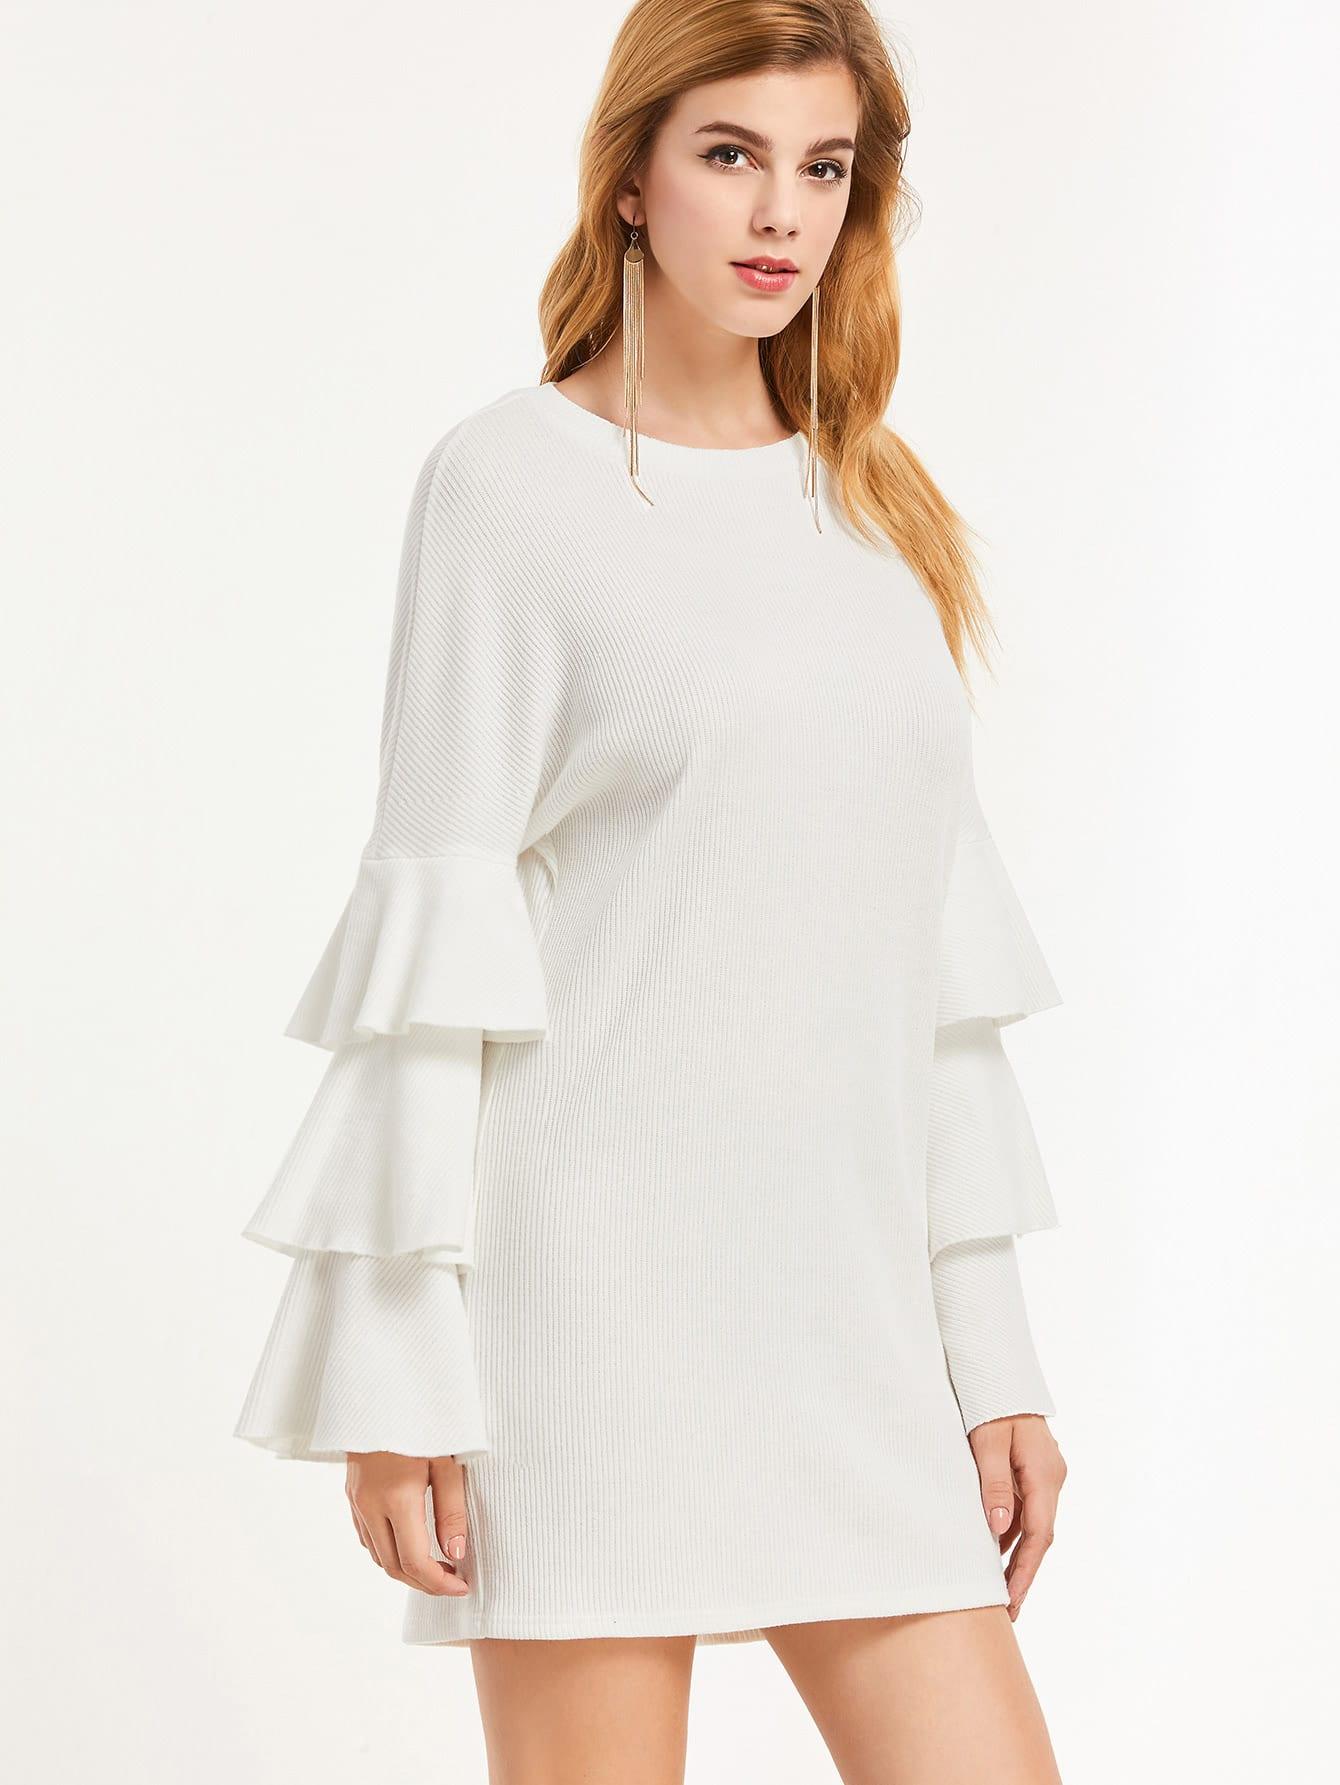 dress161125702_2